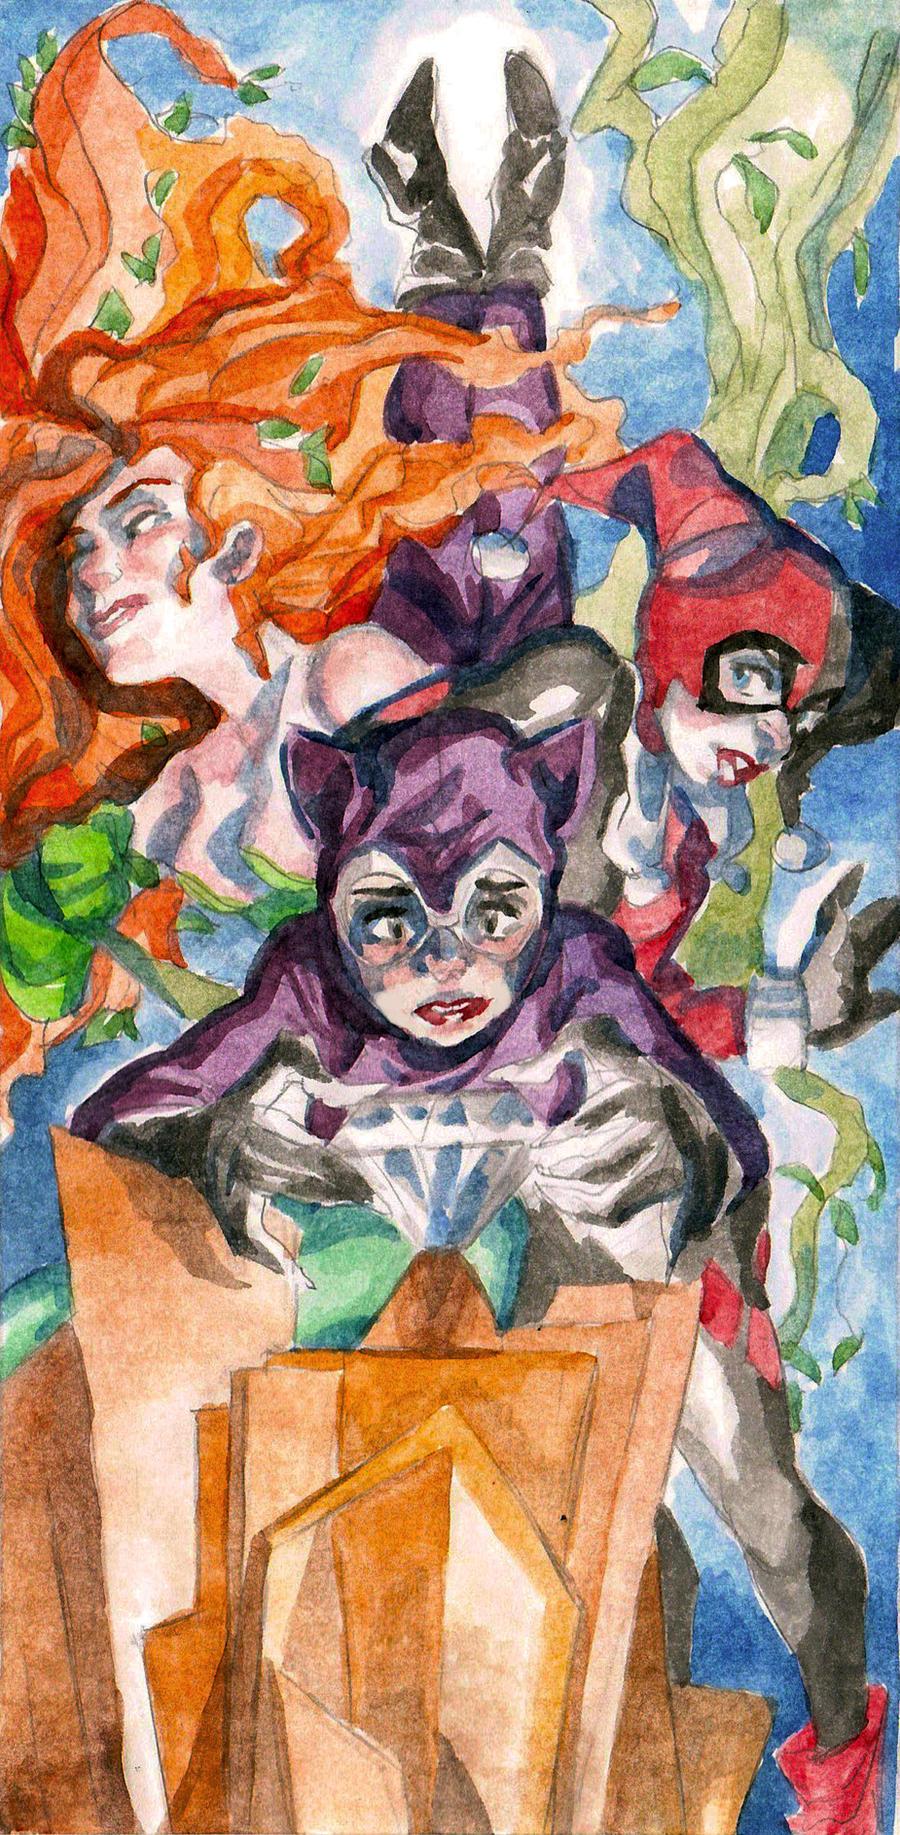 Gotham City Sirens by theintrovert